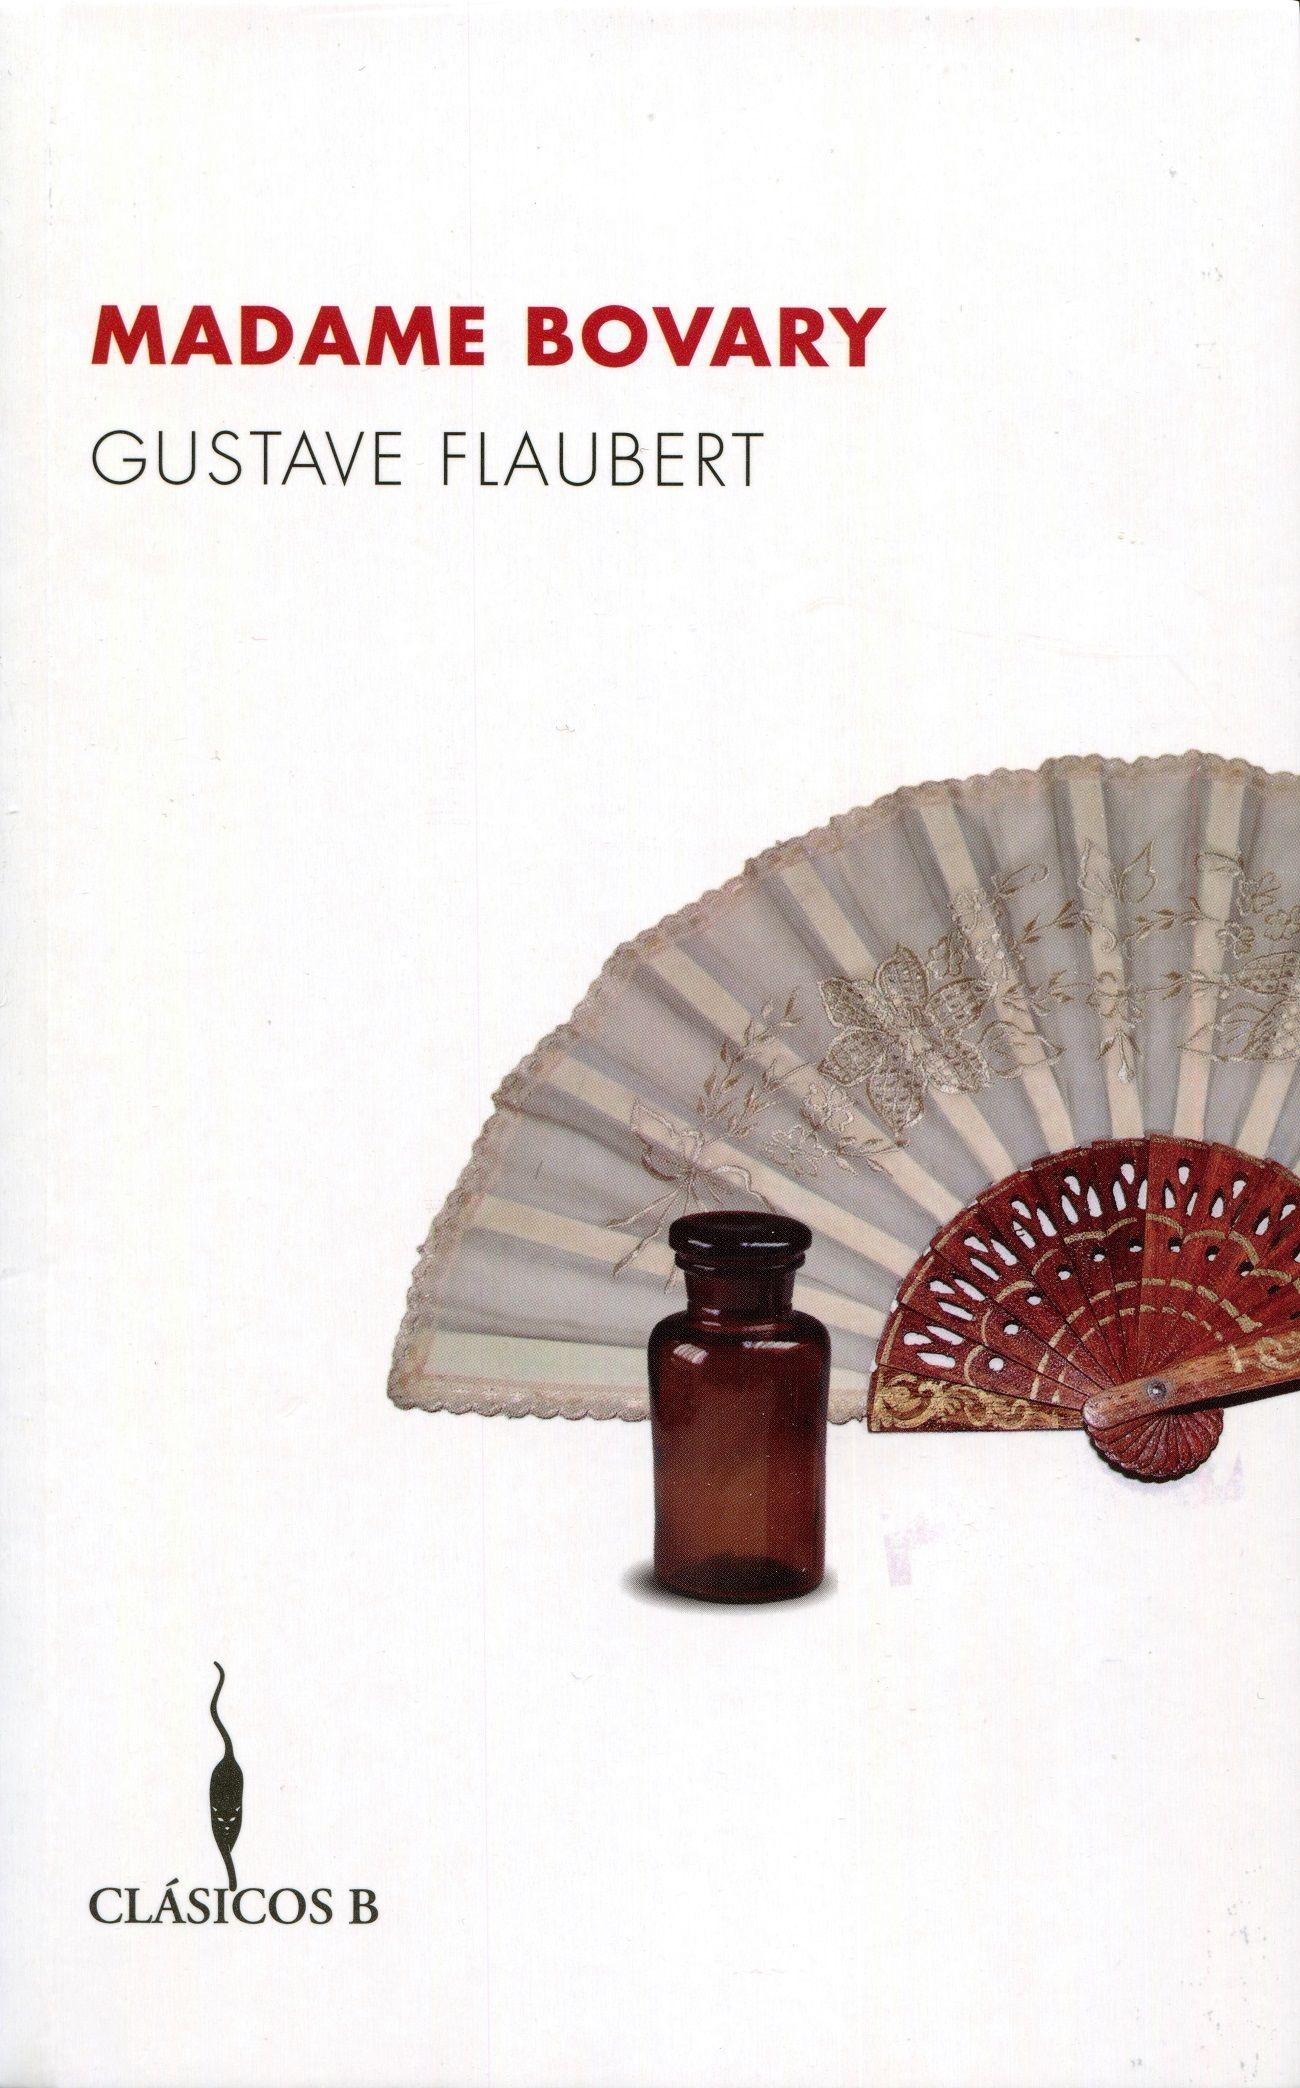 Nacida en la campiña francesa, la joven Emma Rouault se iniciará en el conocimiento del amor a través de novelas leídas de manera clandestina. Estas historias serán su guía a la hora de amar. Gustave Flaubert (1821) fue un escritor francés. Está considerado uno de los mejores novelistas occidentales y es conocido principalmente por su primera novela publicada, Madame Bovary.